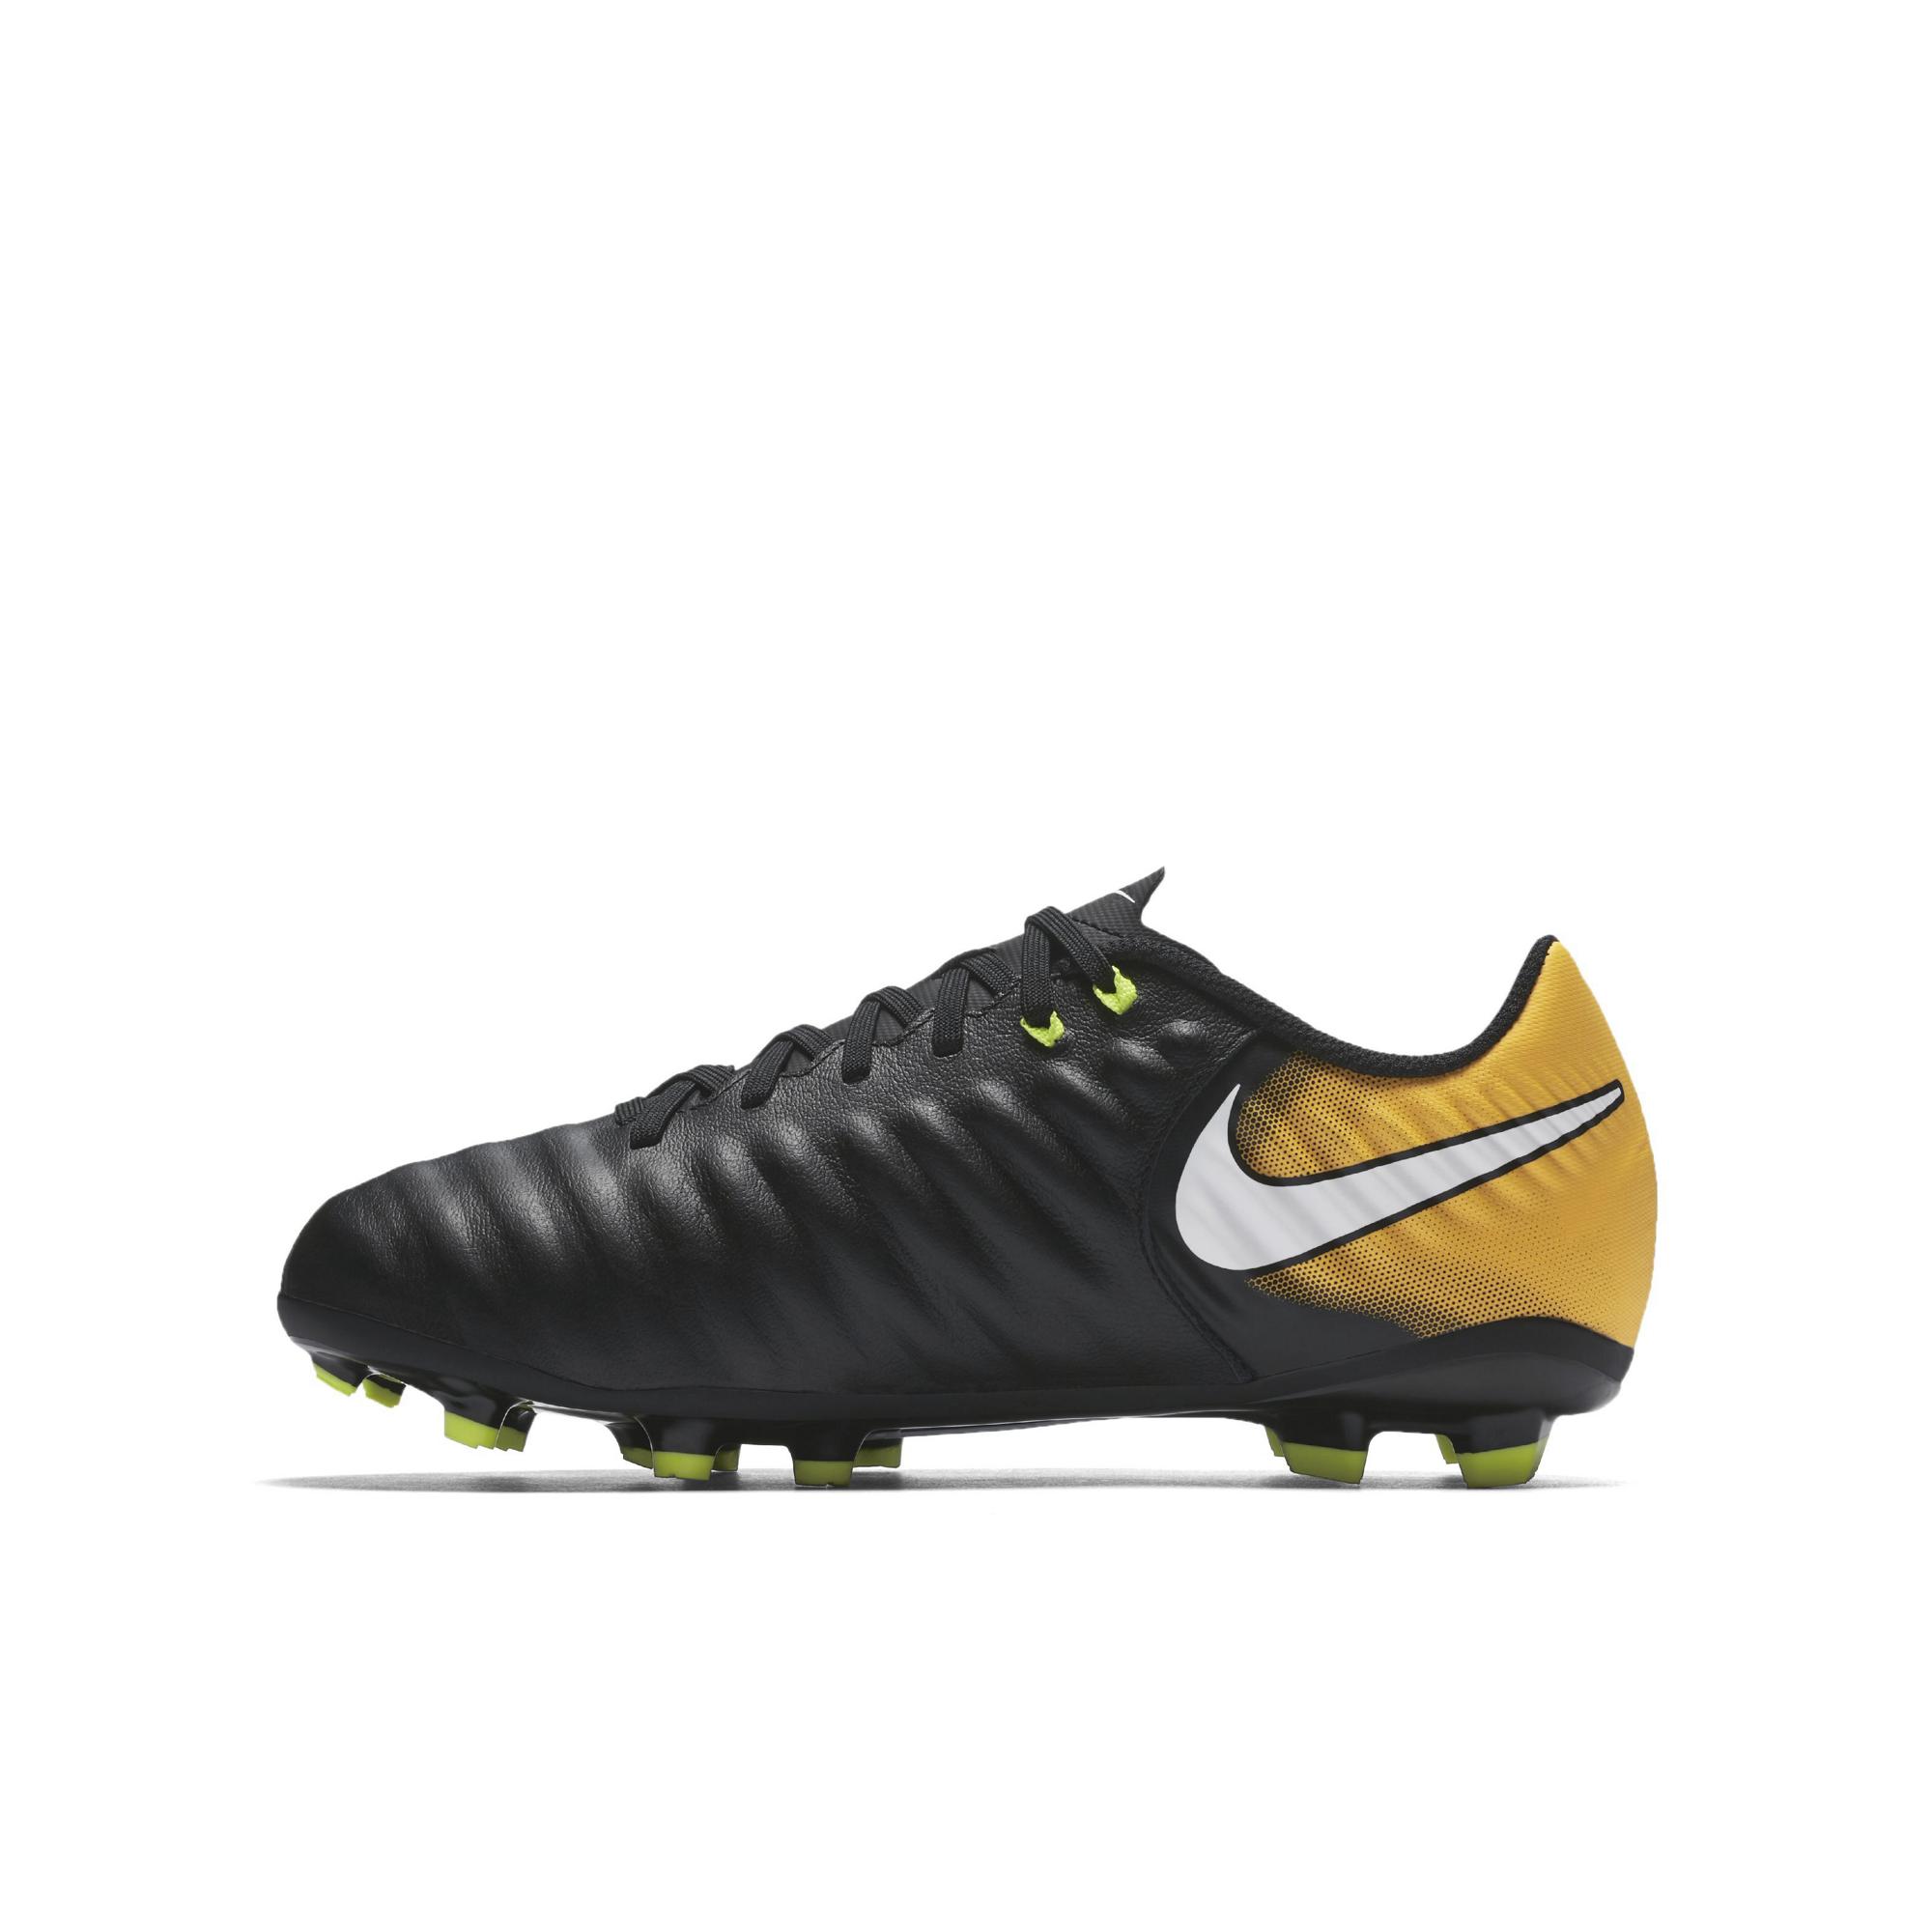 TIEMPO RIO FG - Nike - Traccestore 476d42070c3a